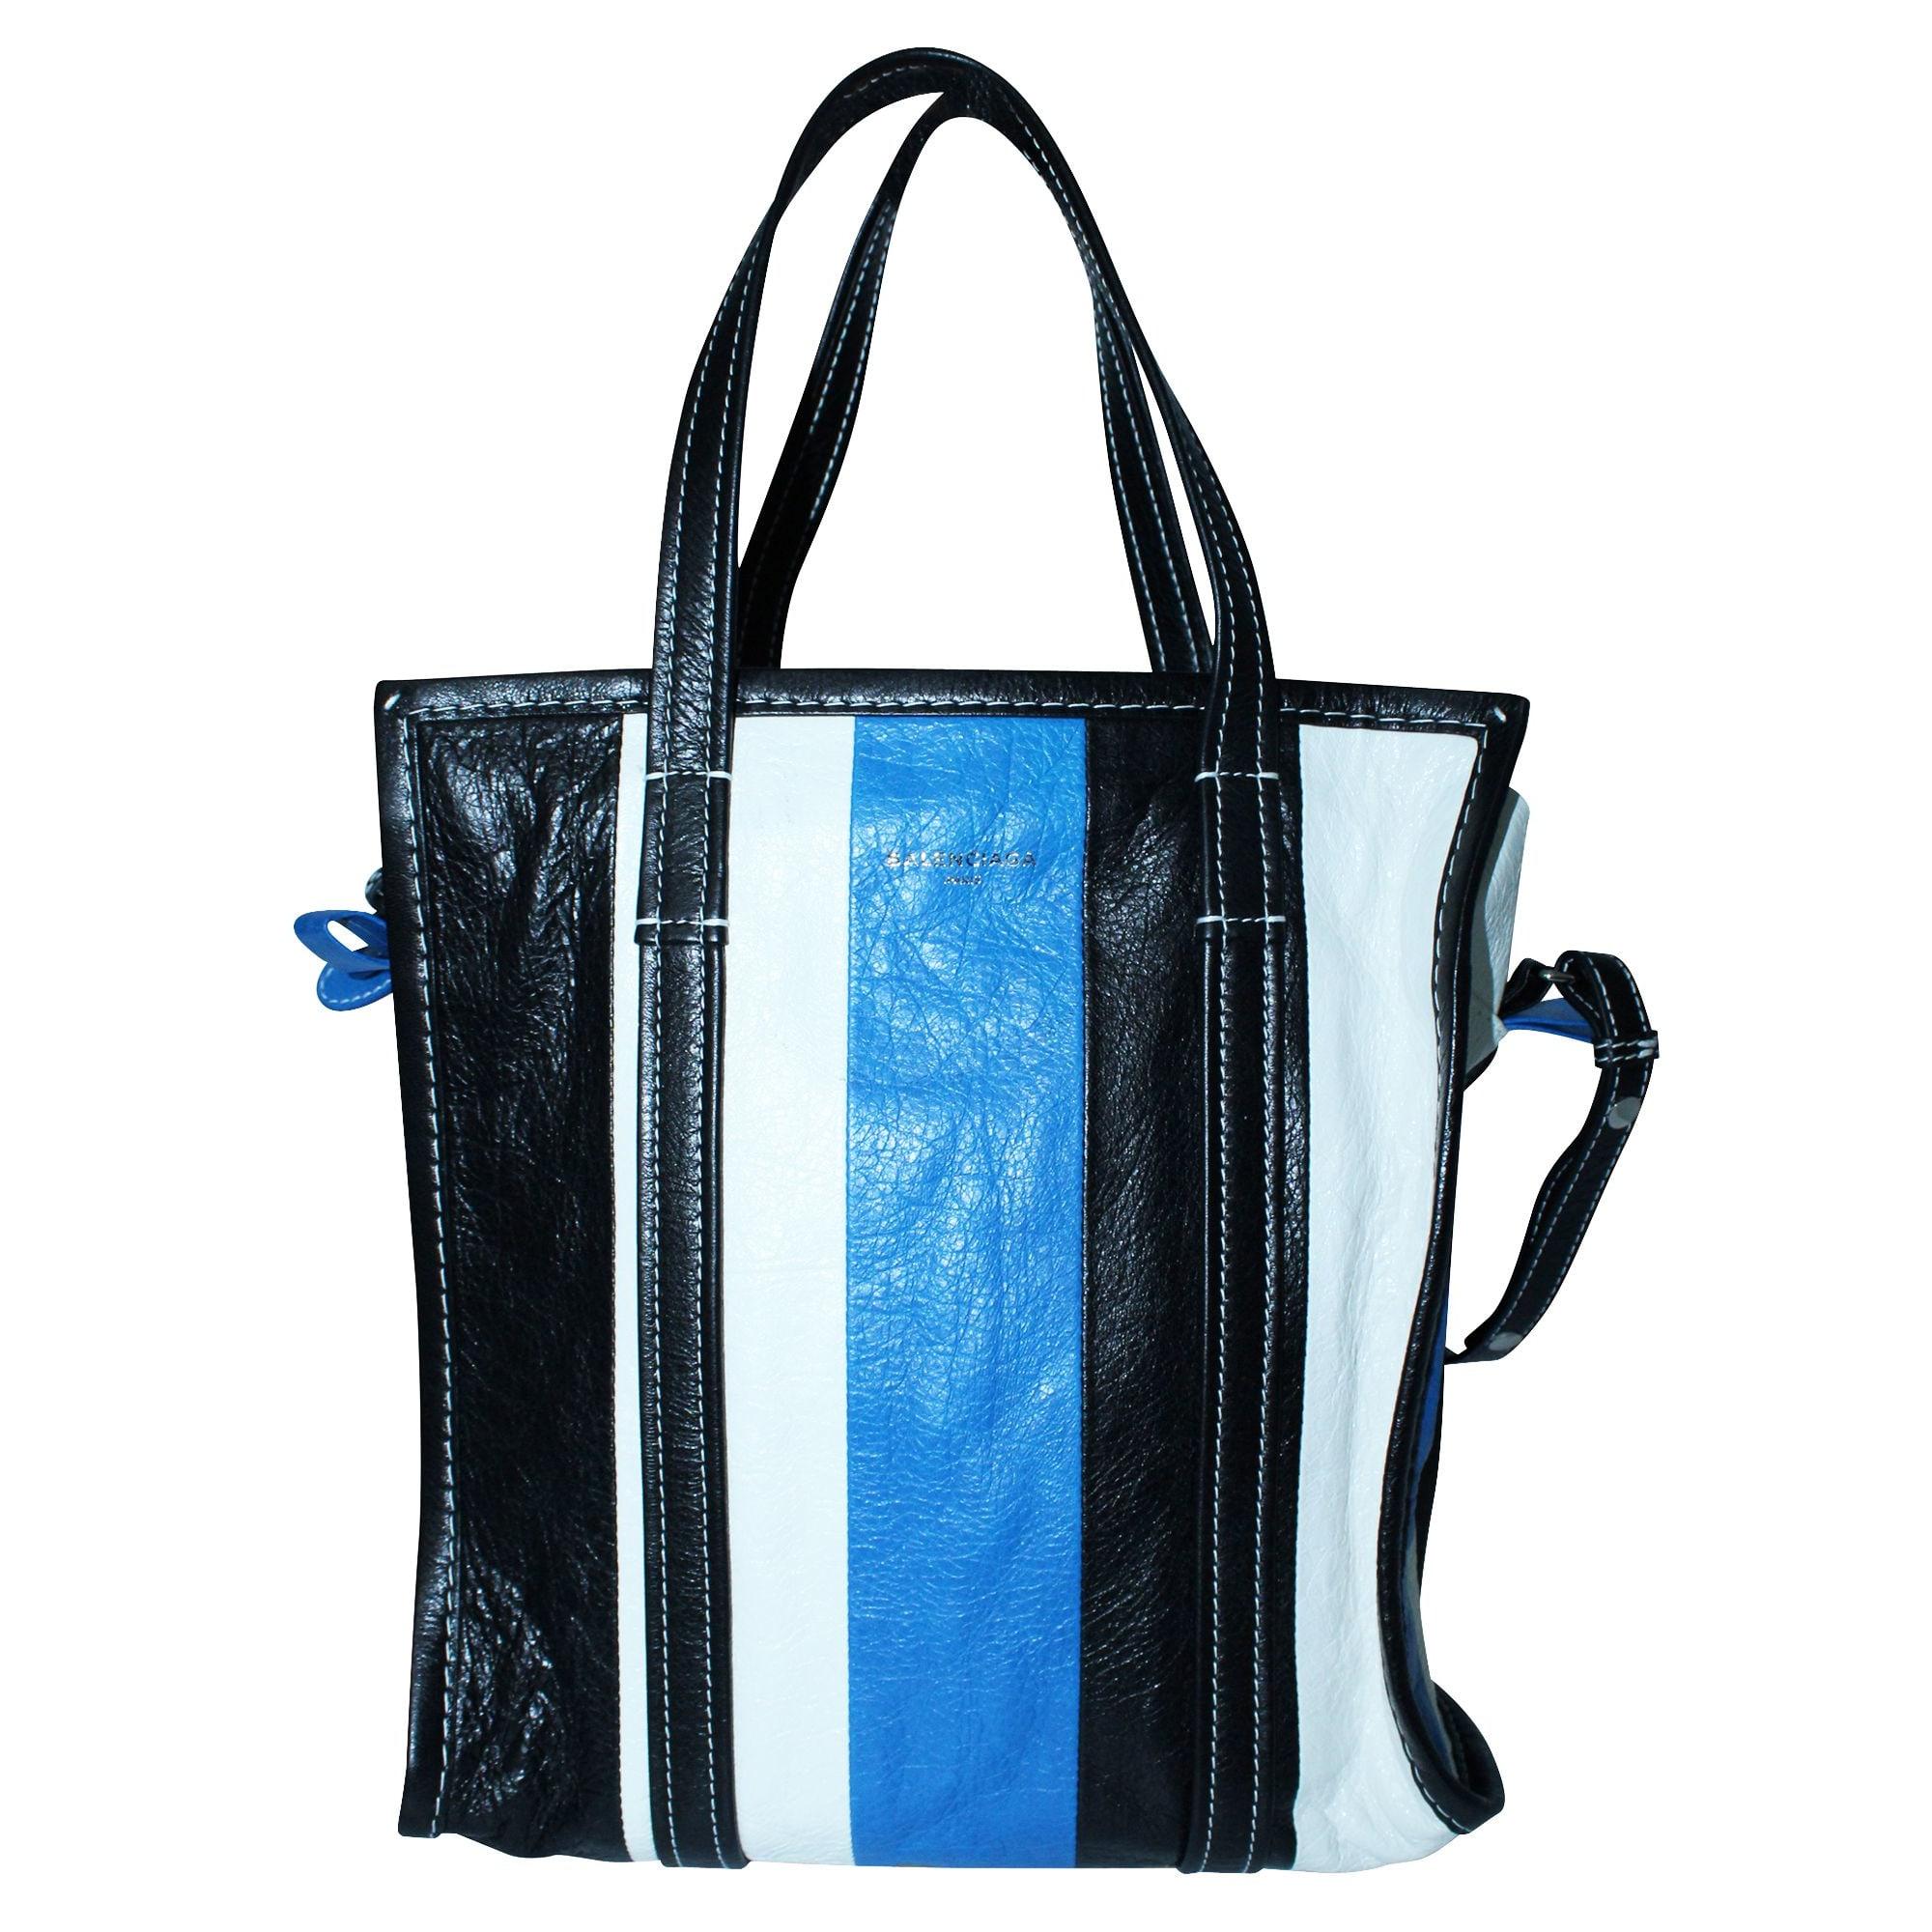 Sac à main en cuir BALENCIAGA Bazar Bleu, bleu marine, bleu turquoise